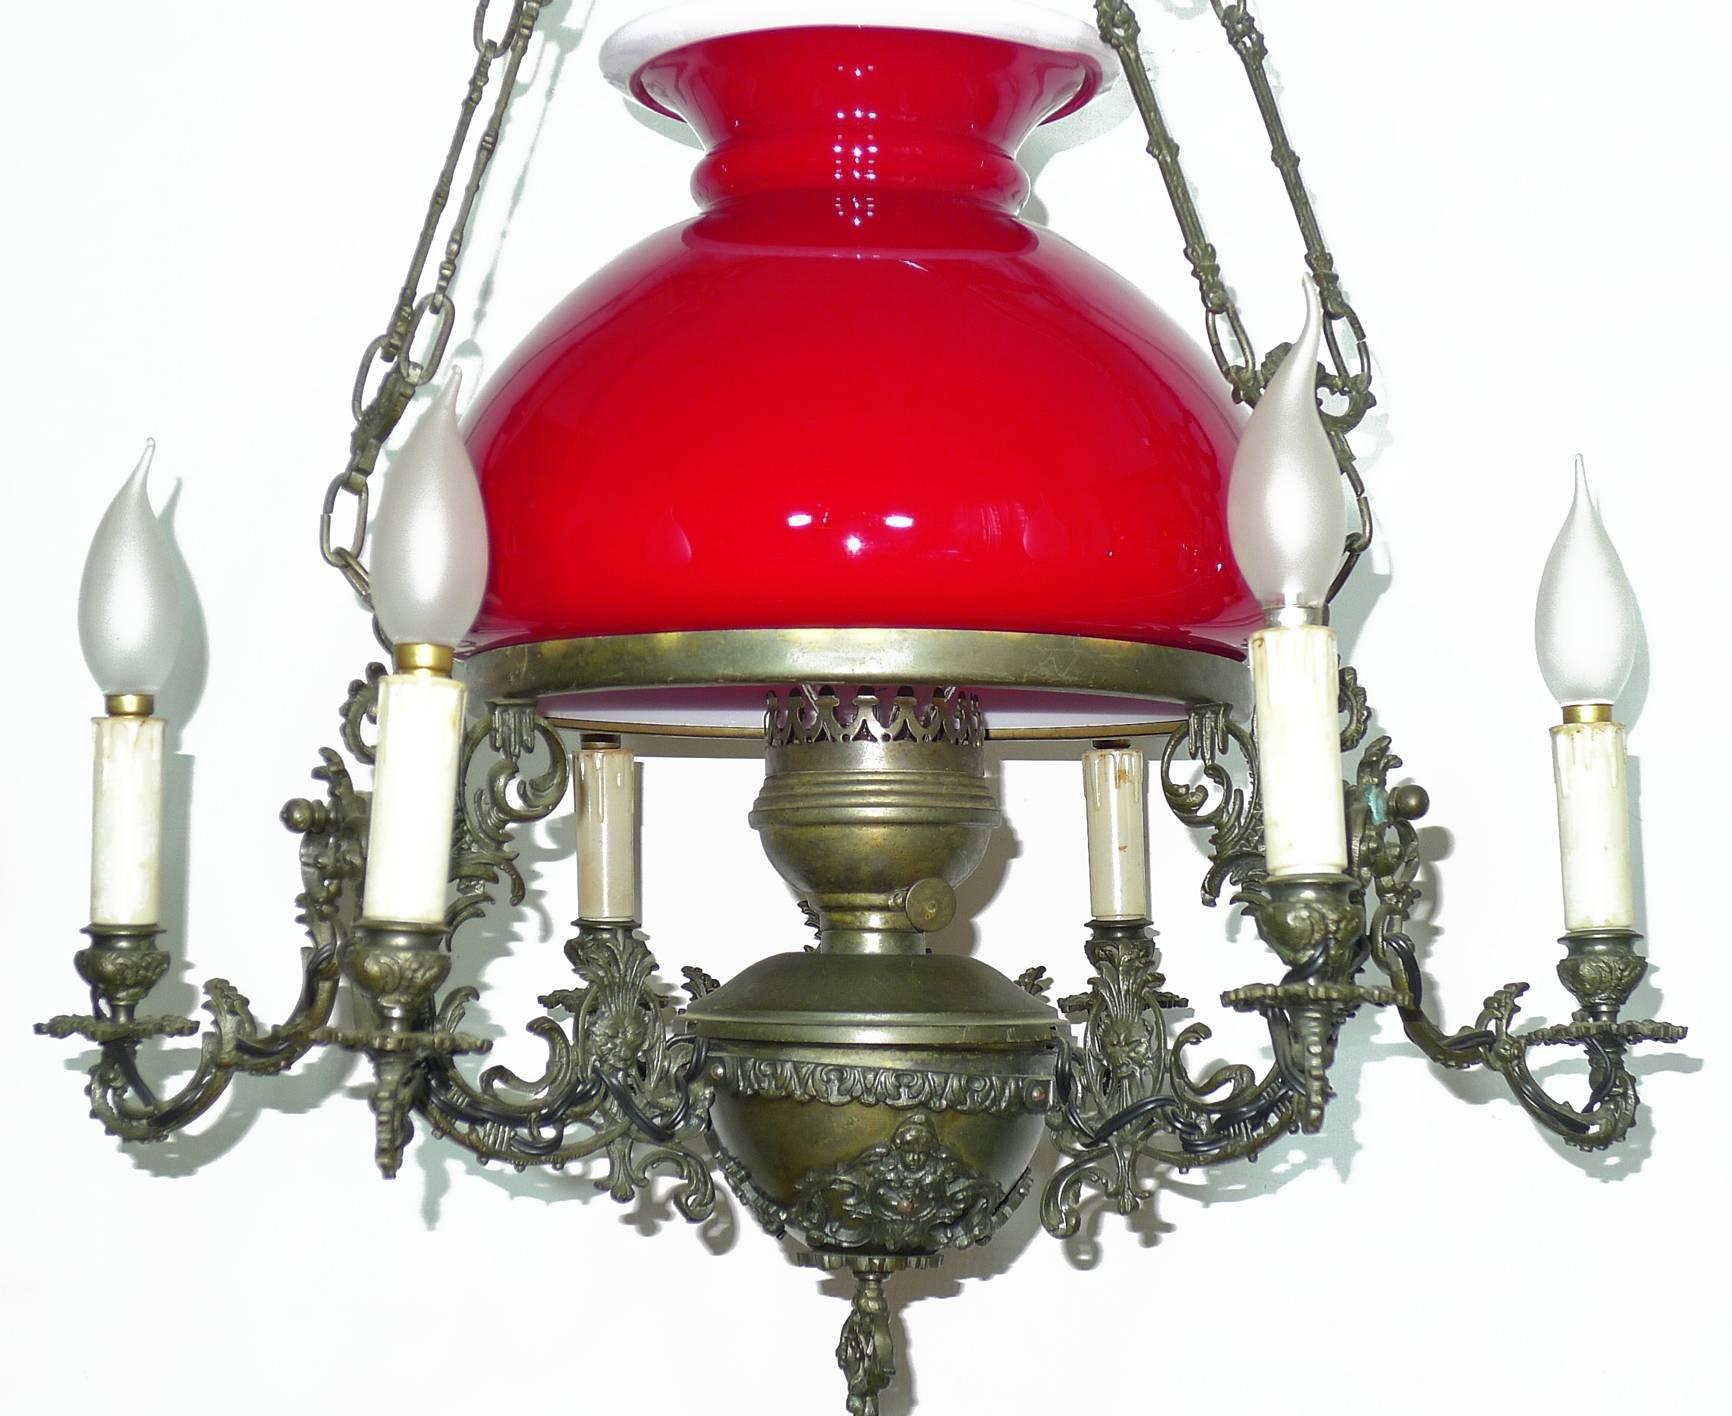 Kronleuchter Antik Frankreich ~ Großer viktorianischer Öllampen kronleuchter aus bronze und